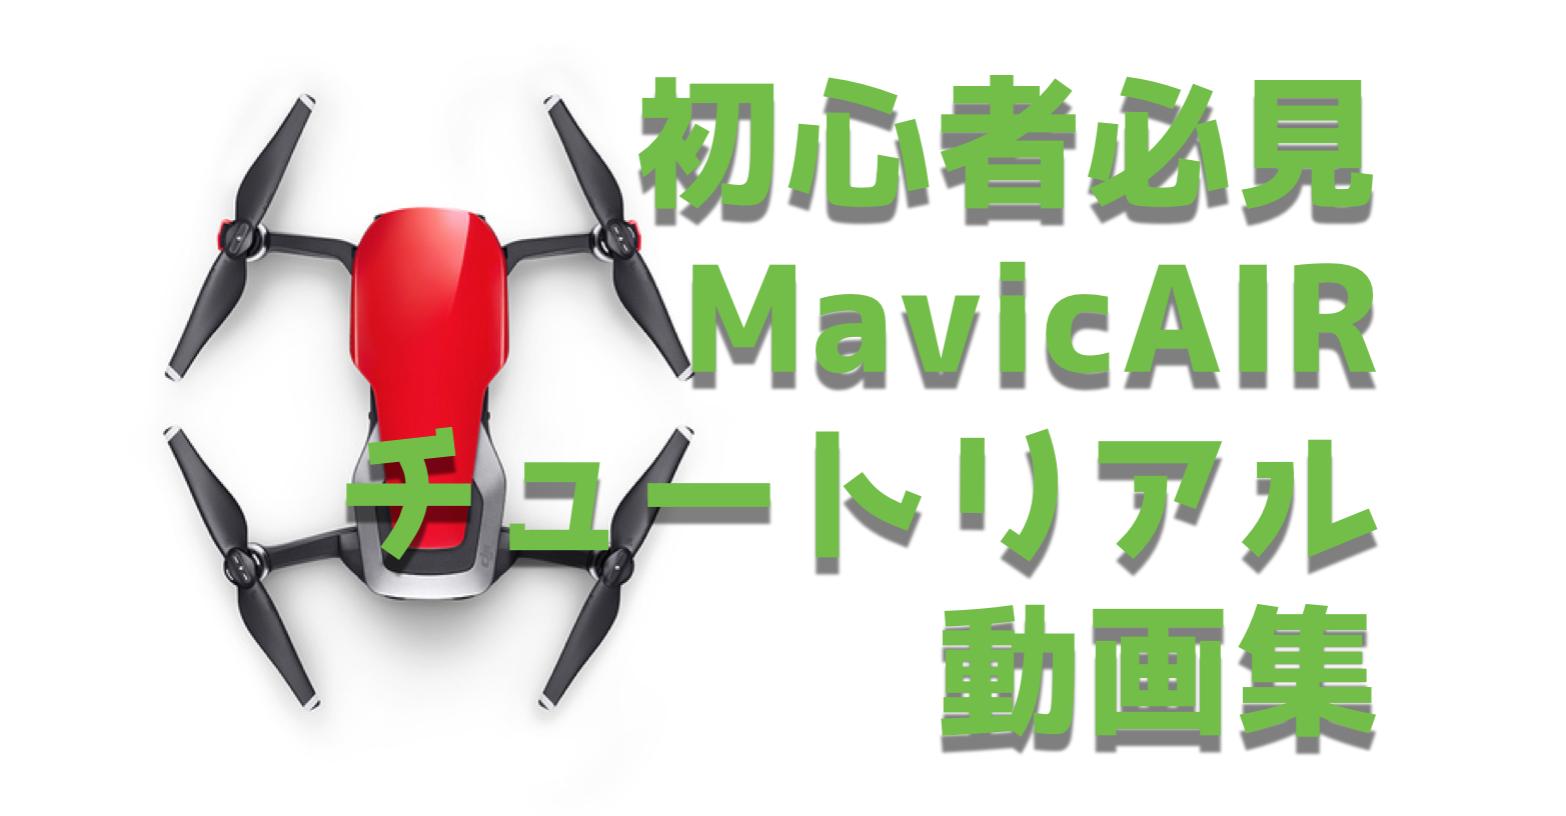 ドローン初心者に役立つDJI Mavic AIR(マビックエア)チュートリアル動画集7選